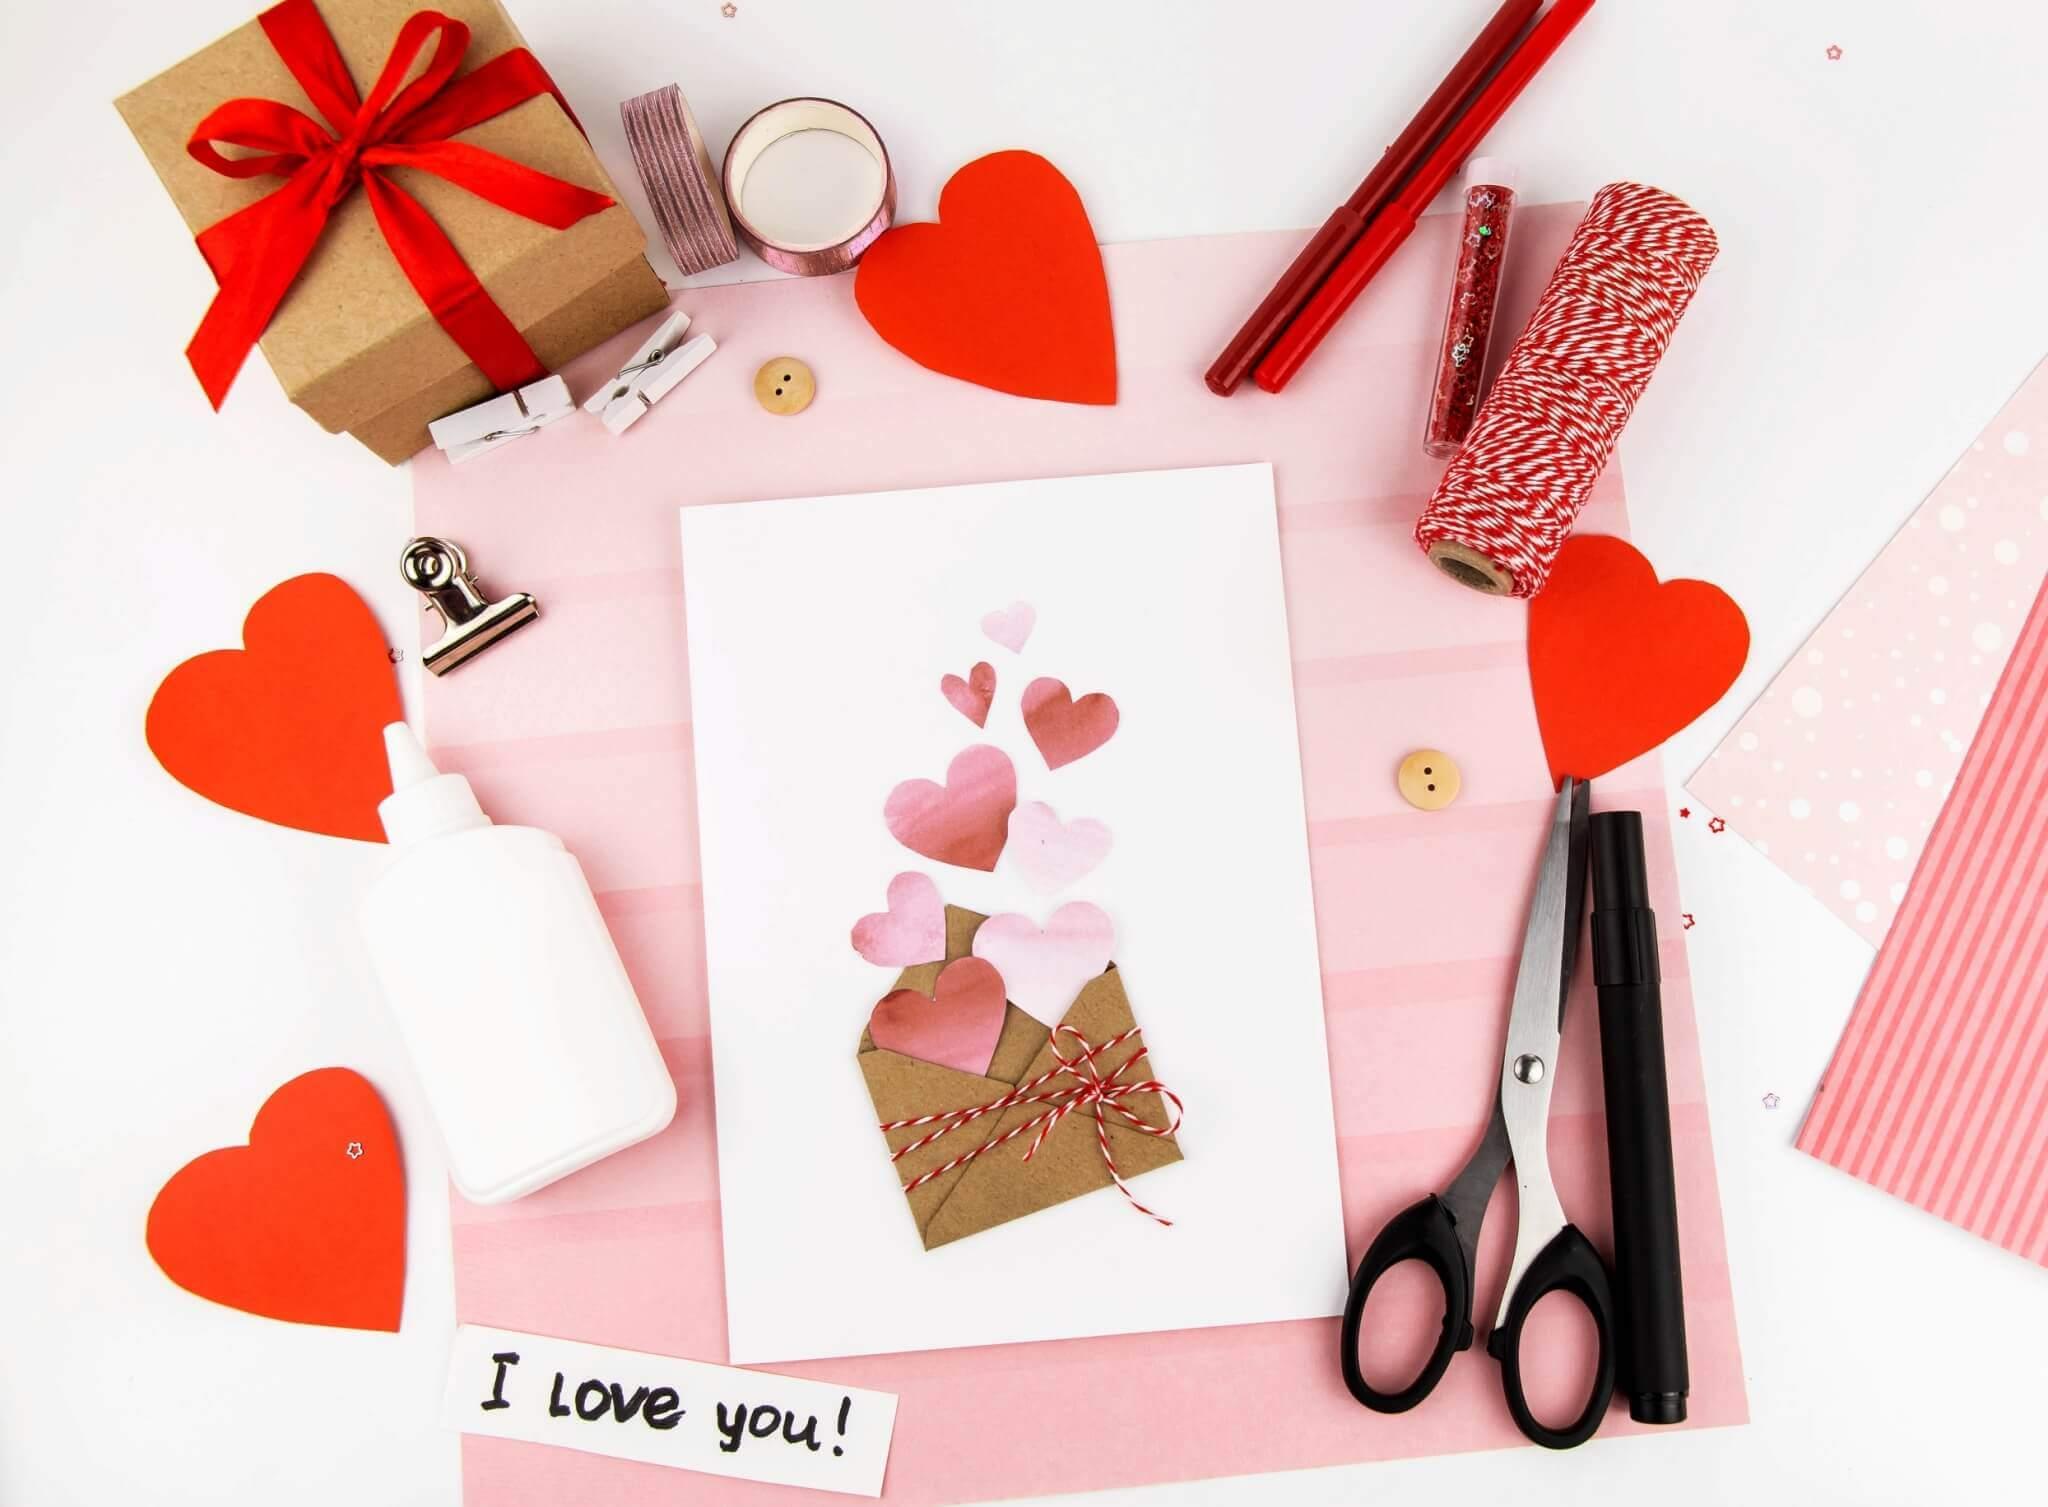 ไอเดียของขวัญวันวาเลนไทน์ 2021 วันแห่งความรัก Valentine's Card